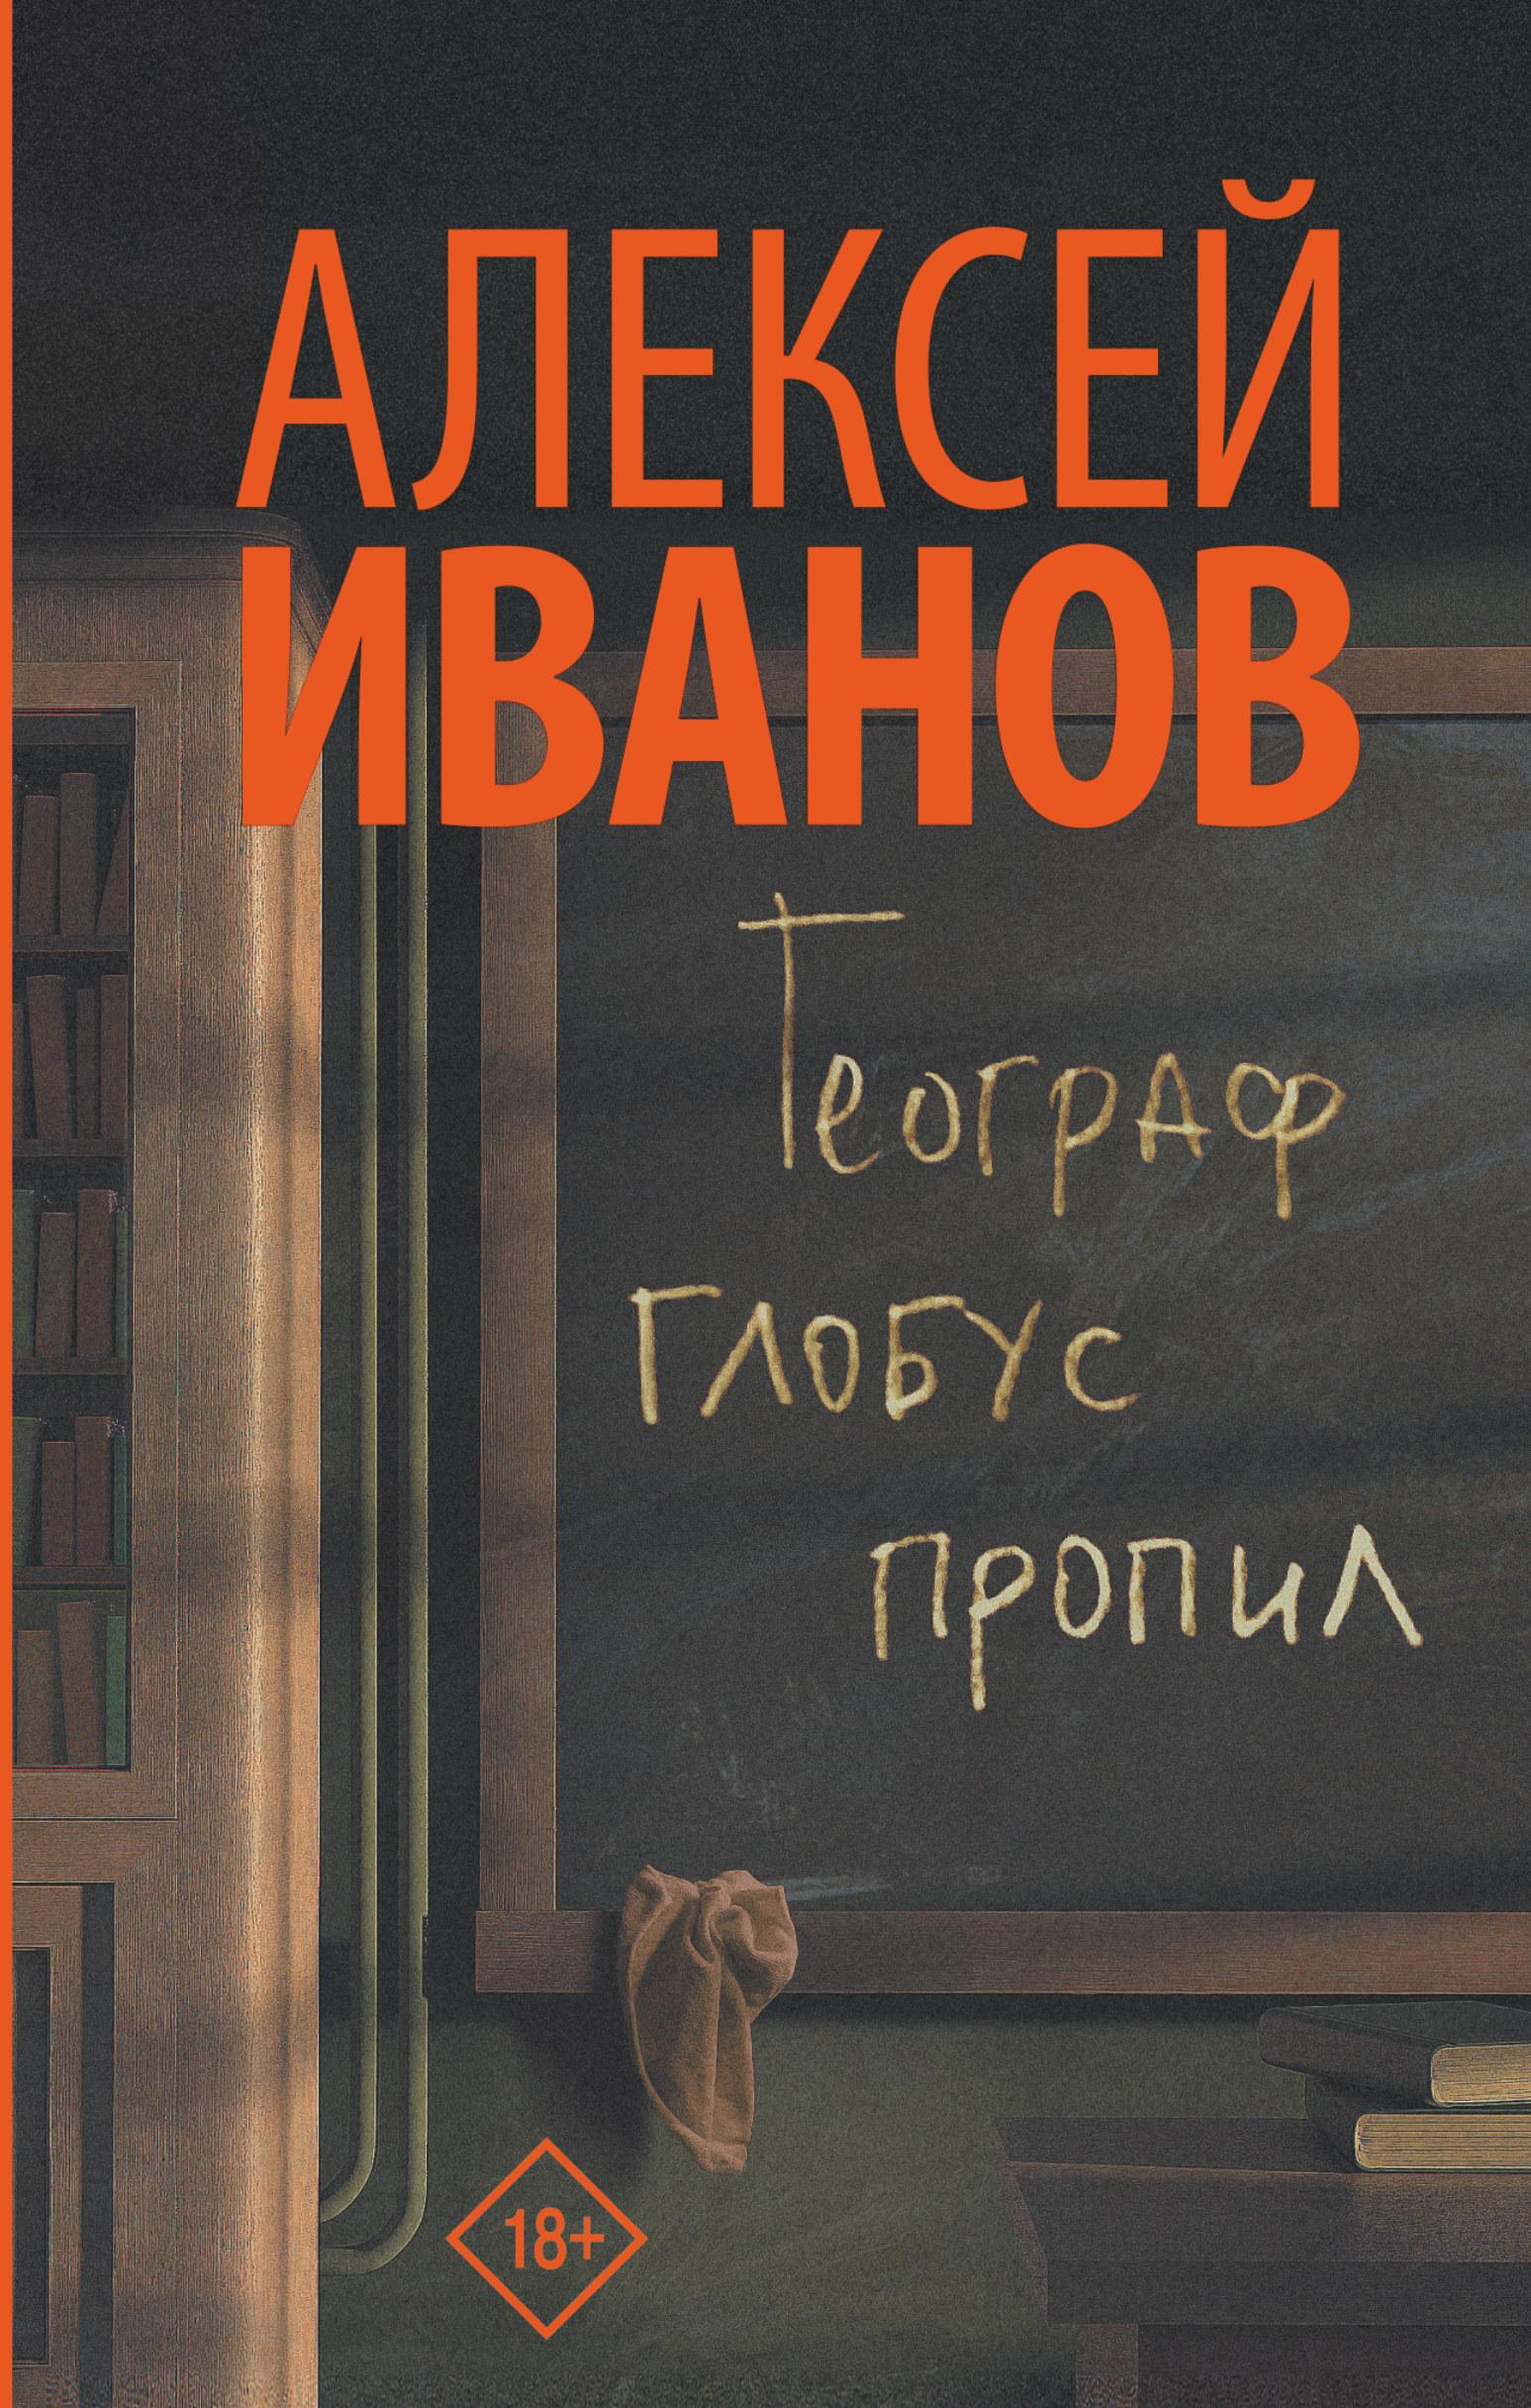 Иванов А.В. Географ глобус пропил и о или роман с переодеванием